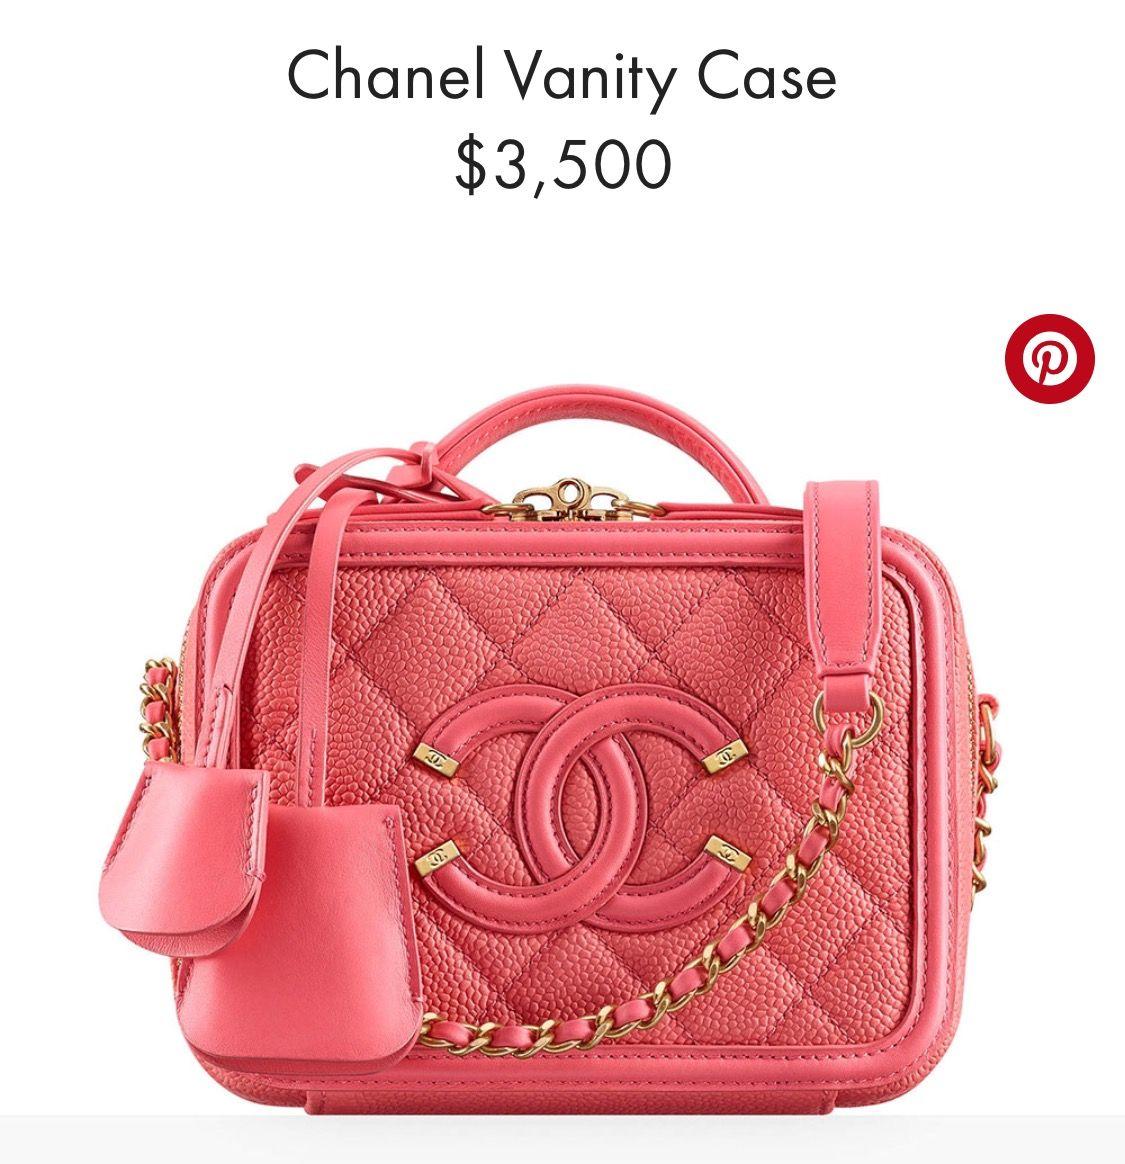 239fdce1e Sapatos, Bolsa Chanel, Bolsas Da Chanel, Bolsas De Mão Prada, Bolsas Da